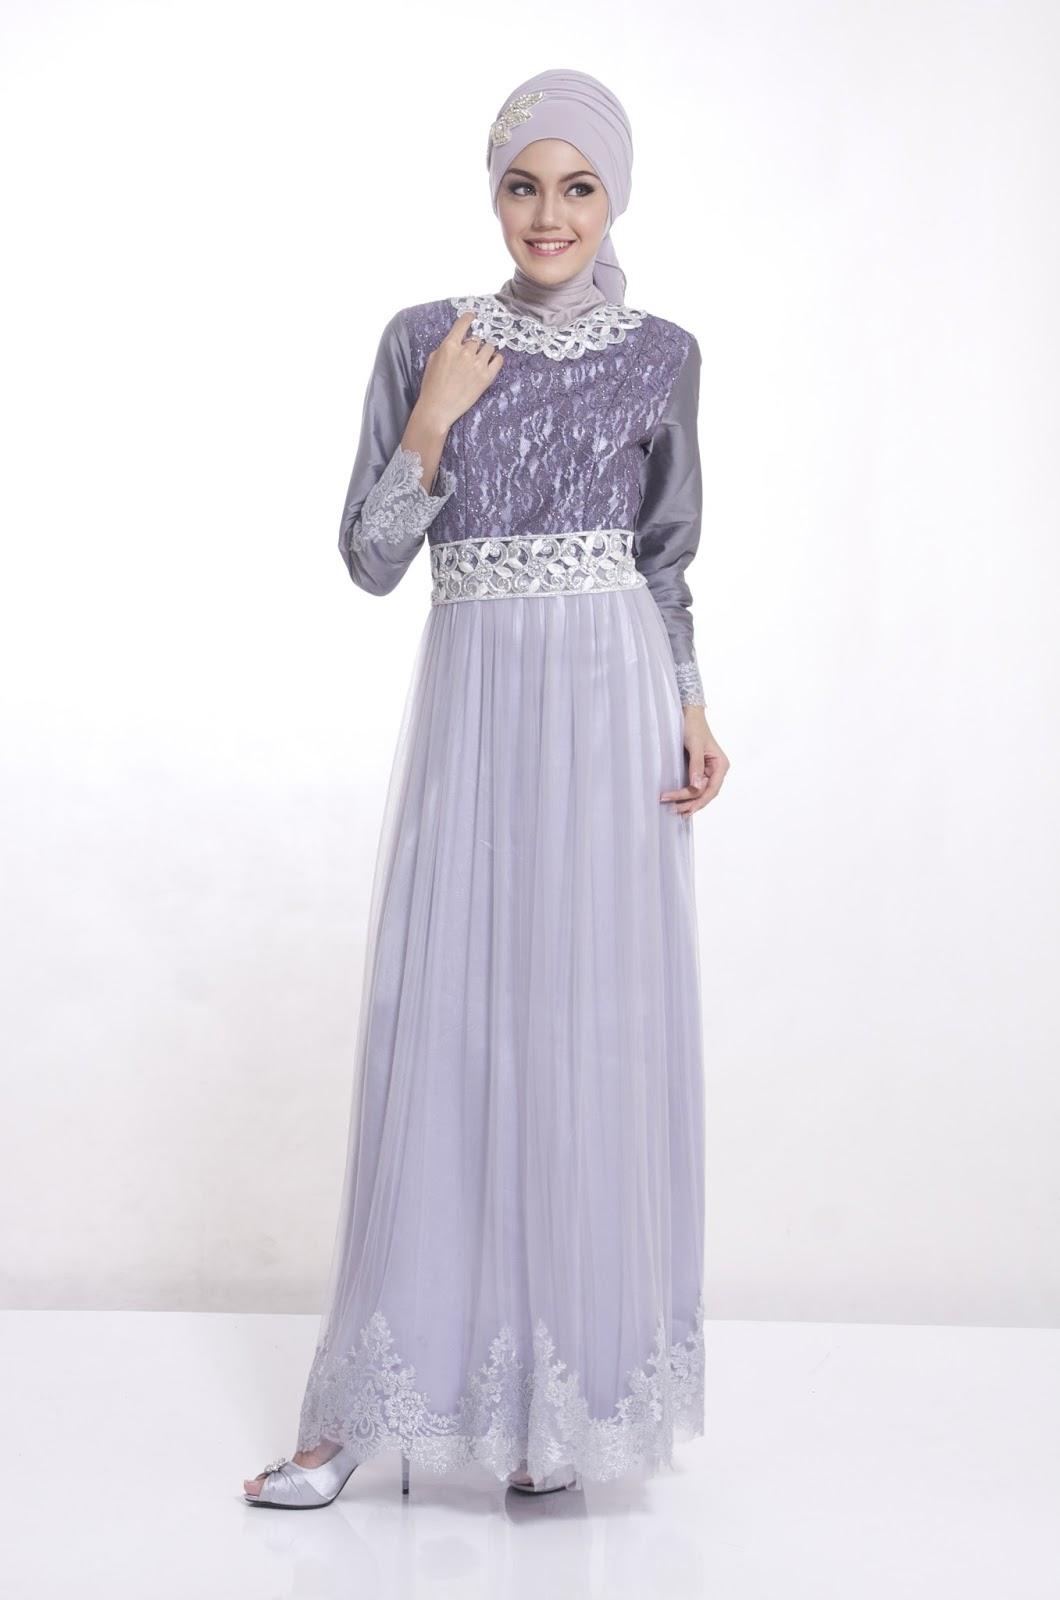 Kumpulan Gambar Baju Muslim Gamis Modern Pesta untuk Ibu Hamil-BNews